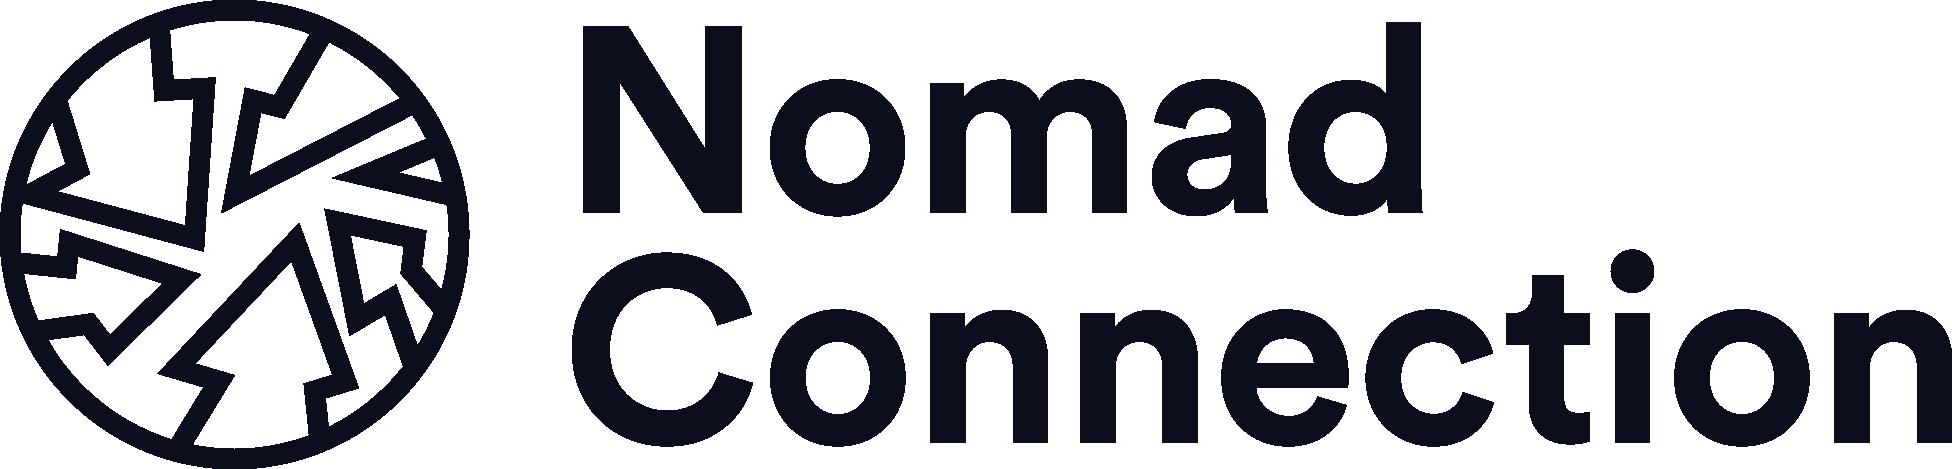 데일리금융그룹의 계열사 (주)노매드커넥션의 로고